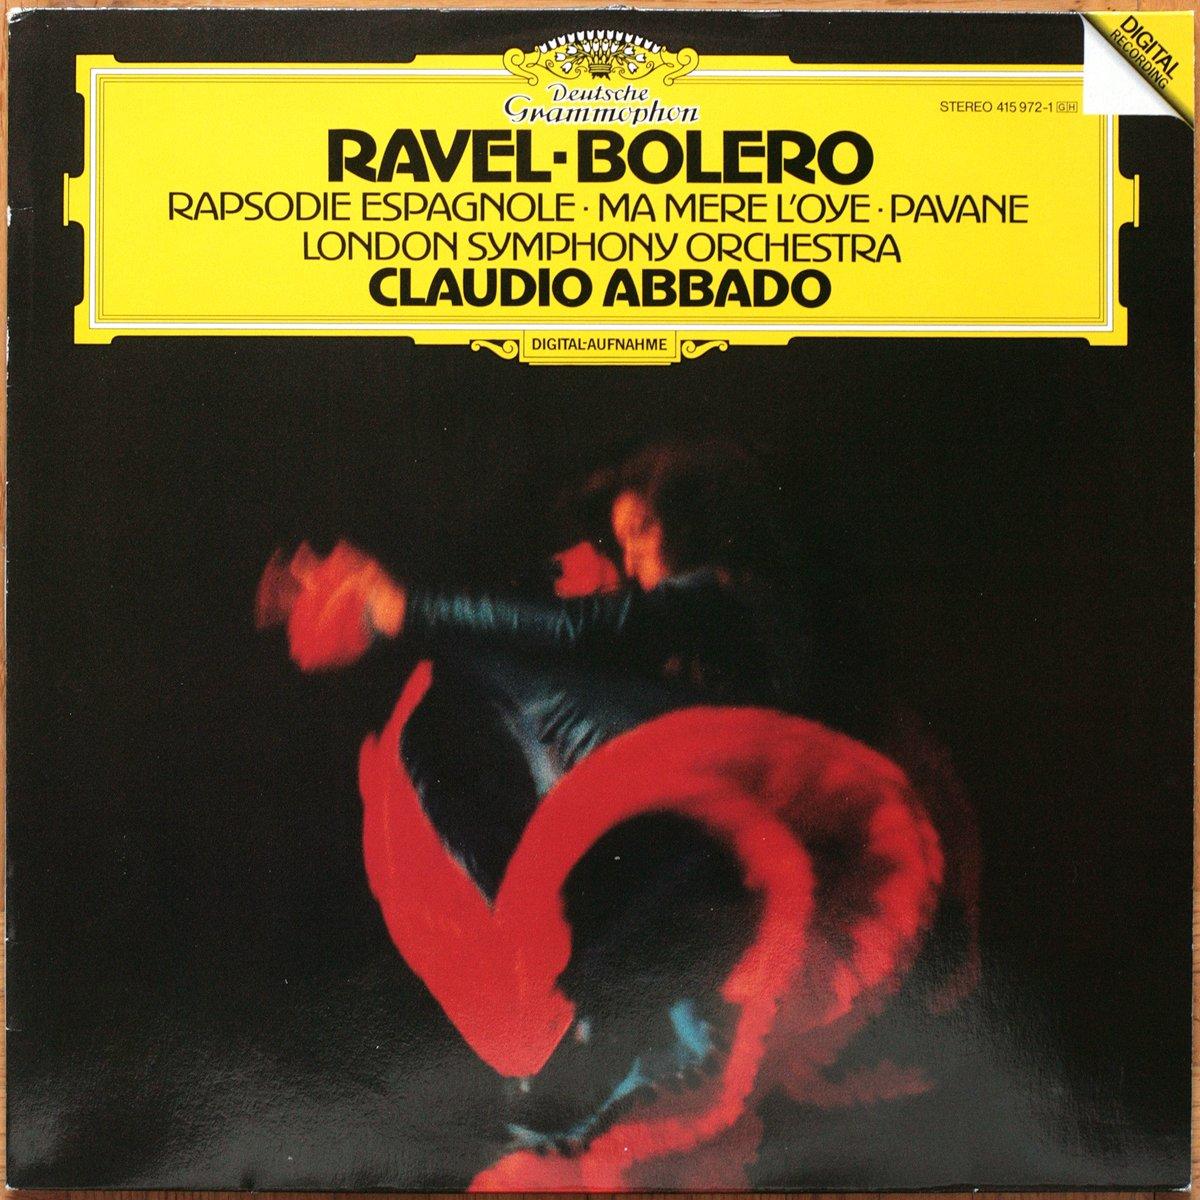 DGG 415 972 Ravel Bolero Rapsodie Abbado